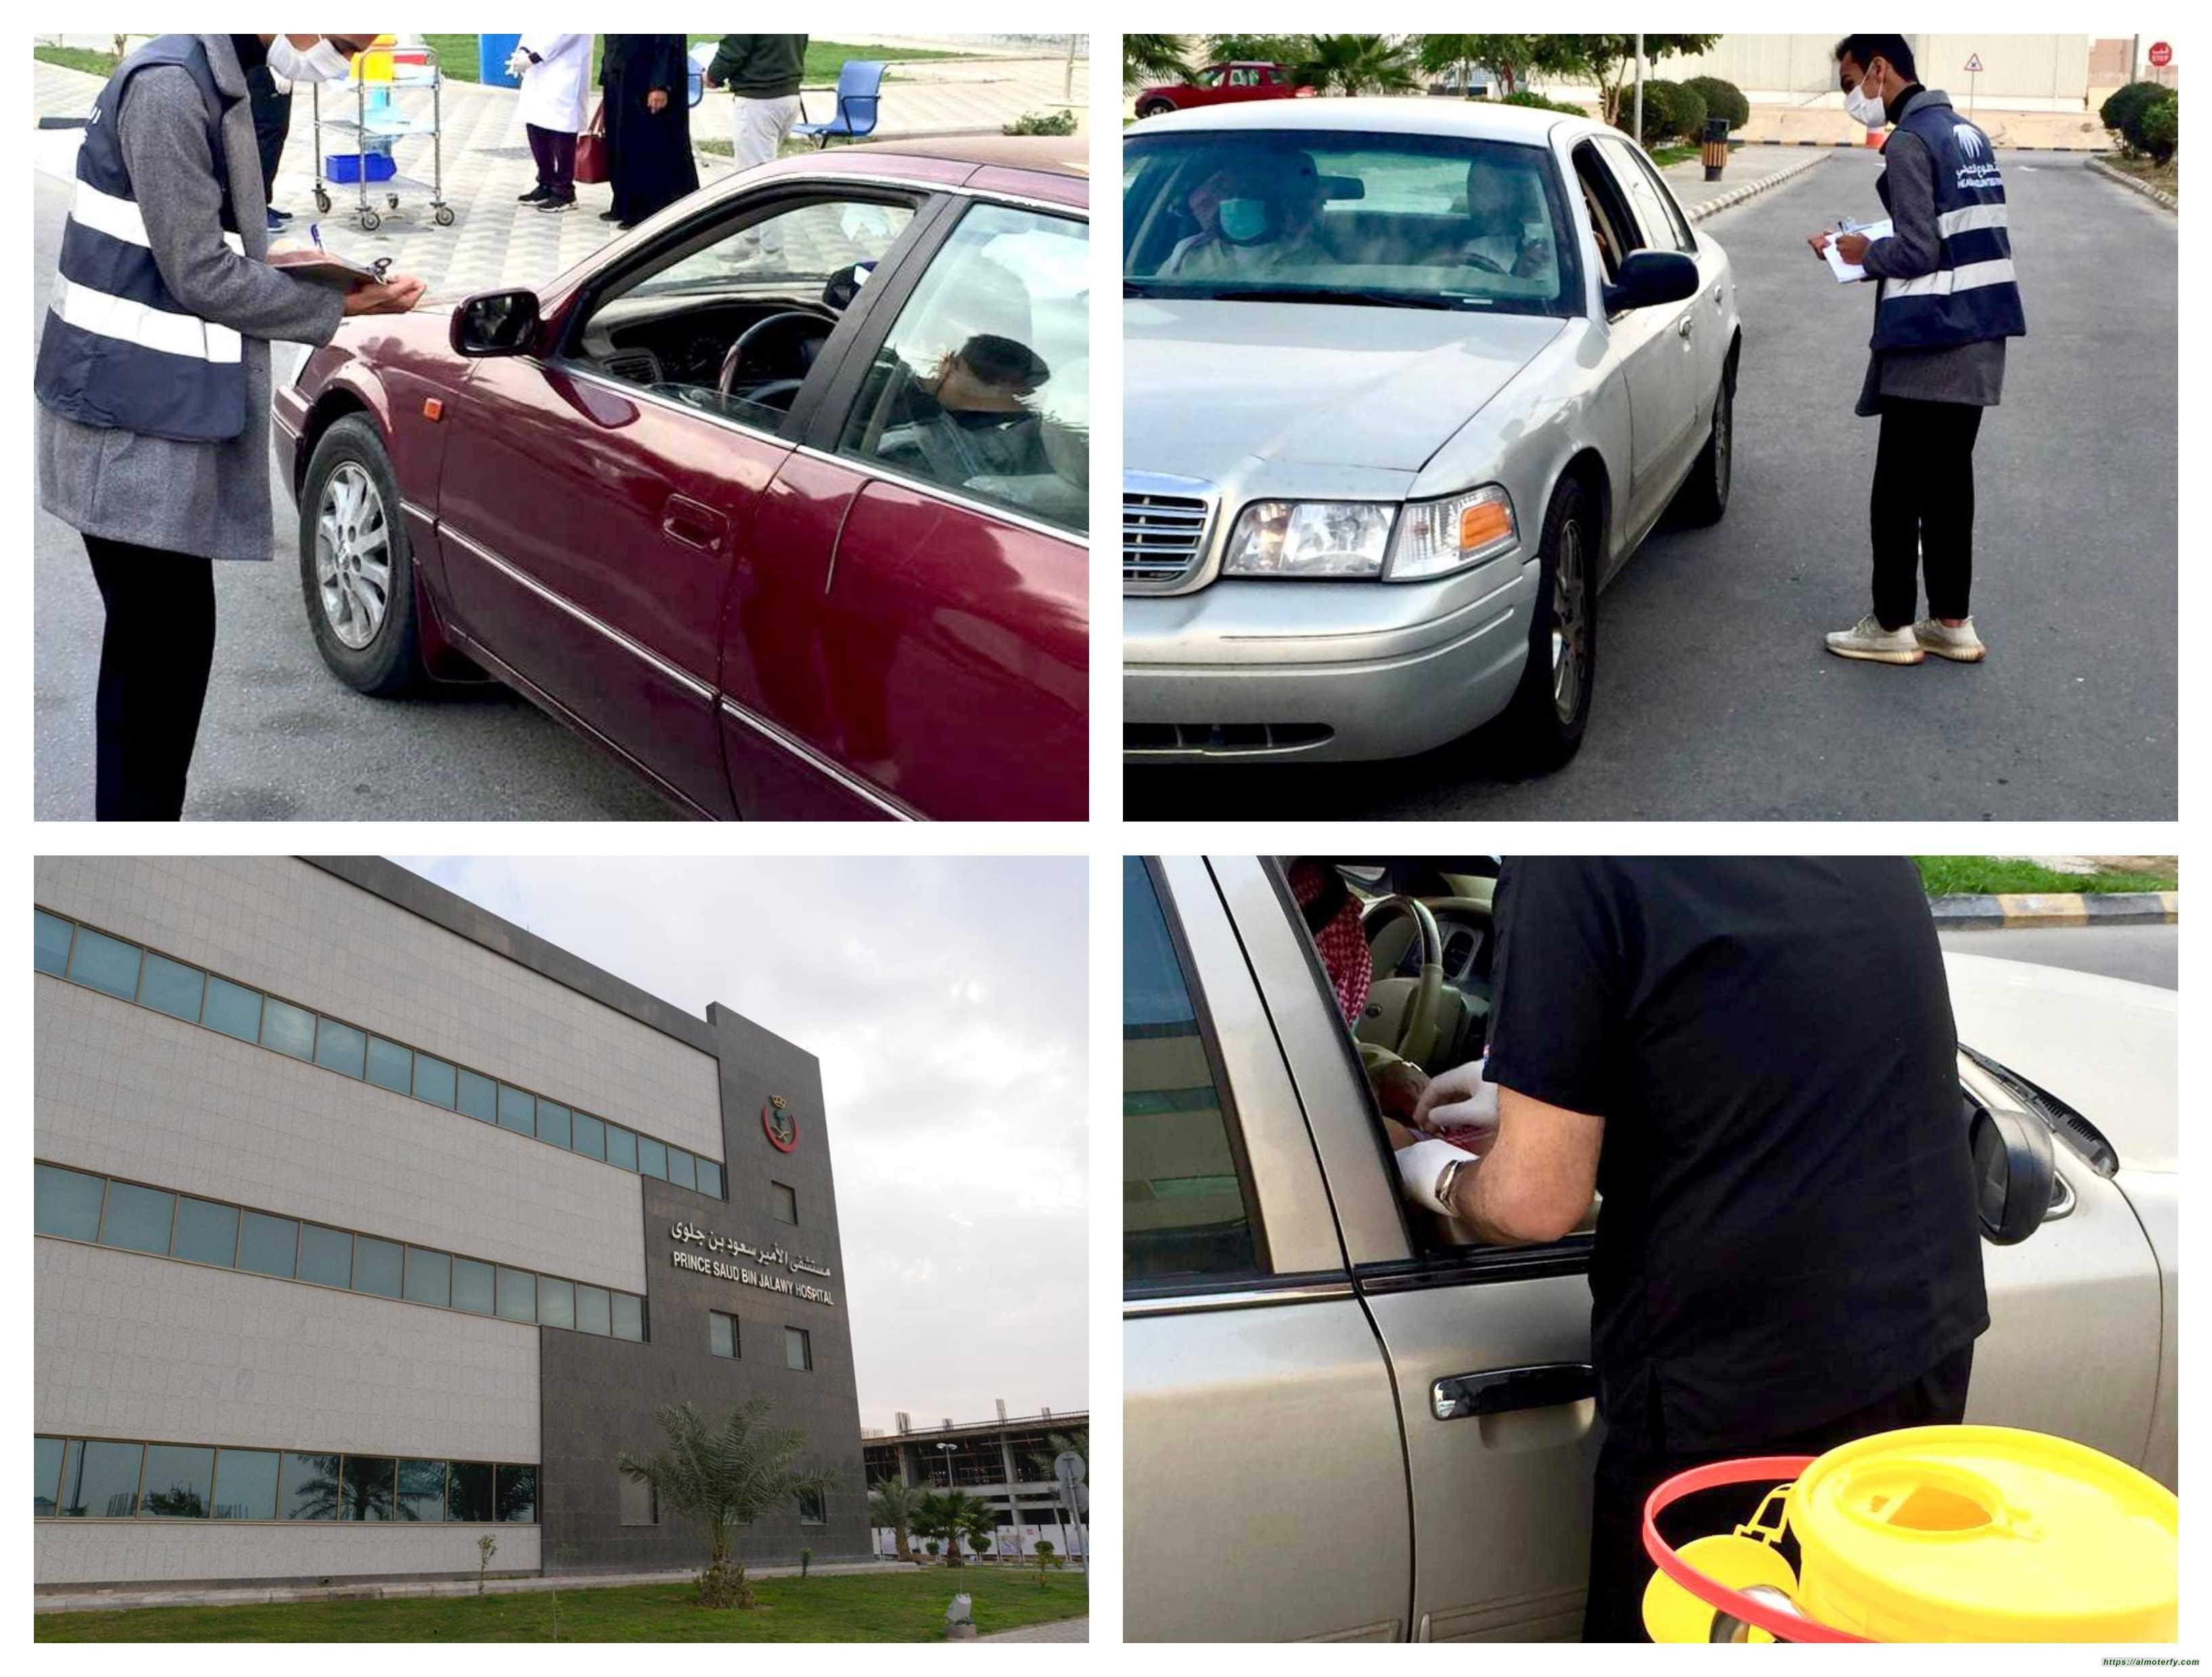 خدمة التطعيم ضد كورونا داخل السيارة في مركز لقاح مستشفى الأمير سعود بن جلوي